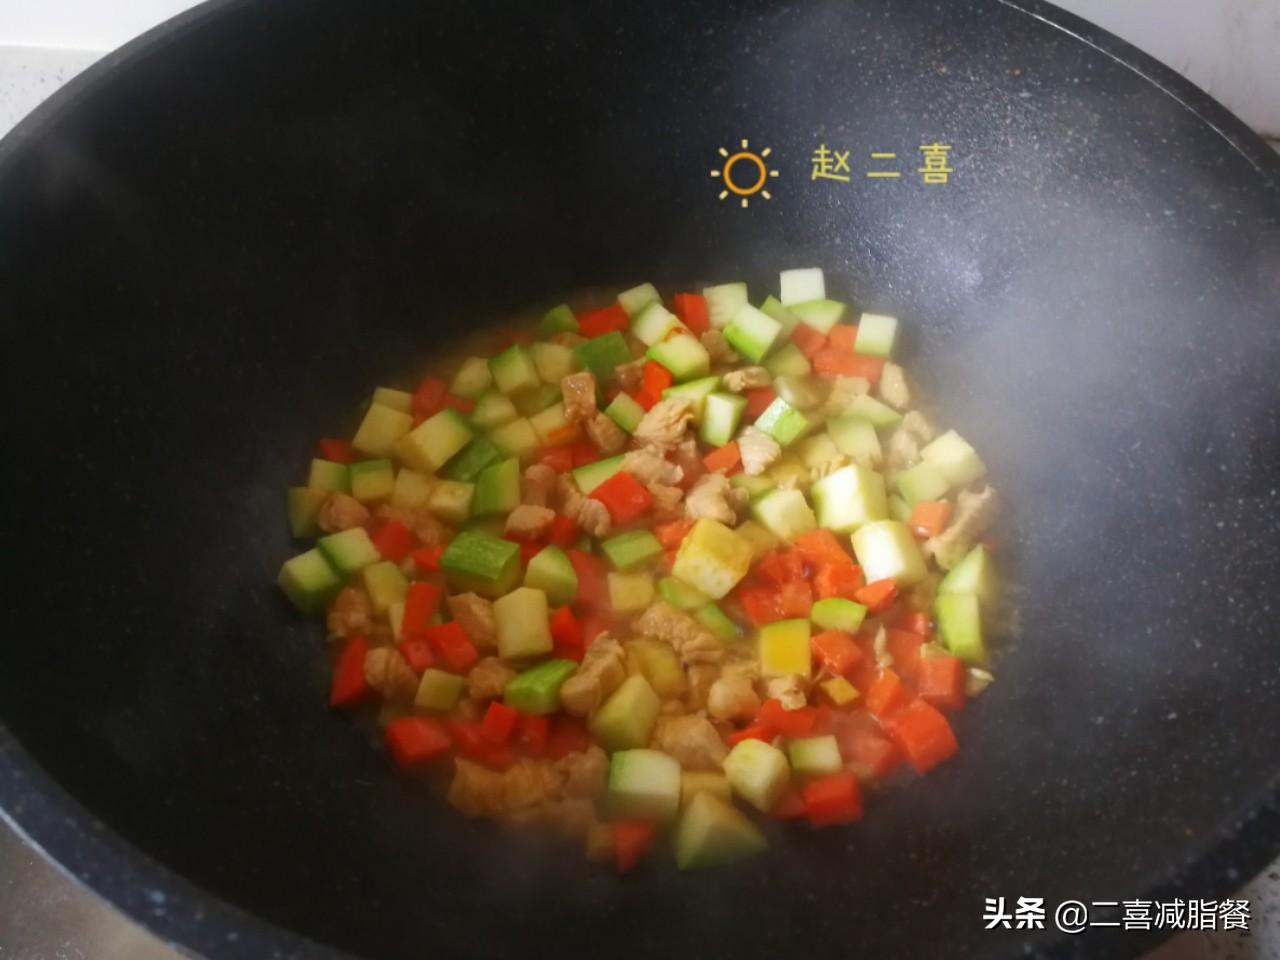 减脂餐菜谱,简单又好吃 减肥菜谱做法 第6张